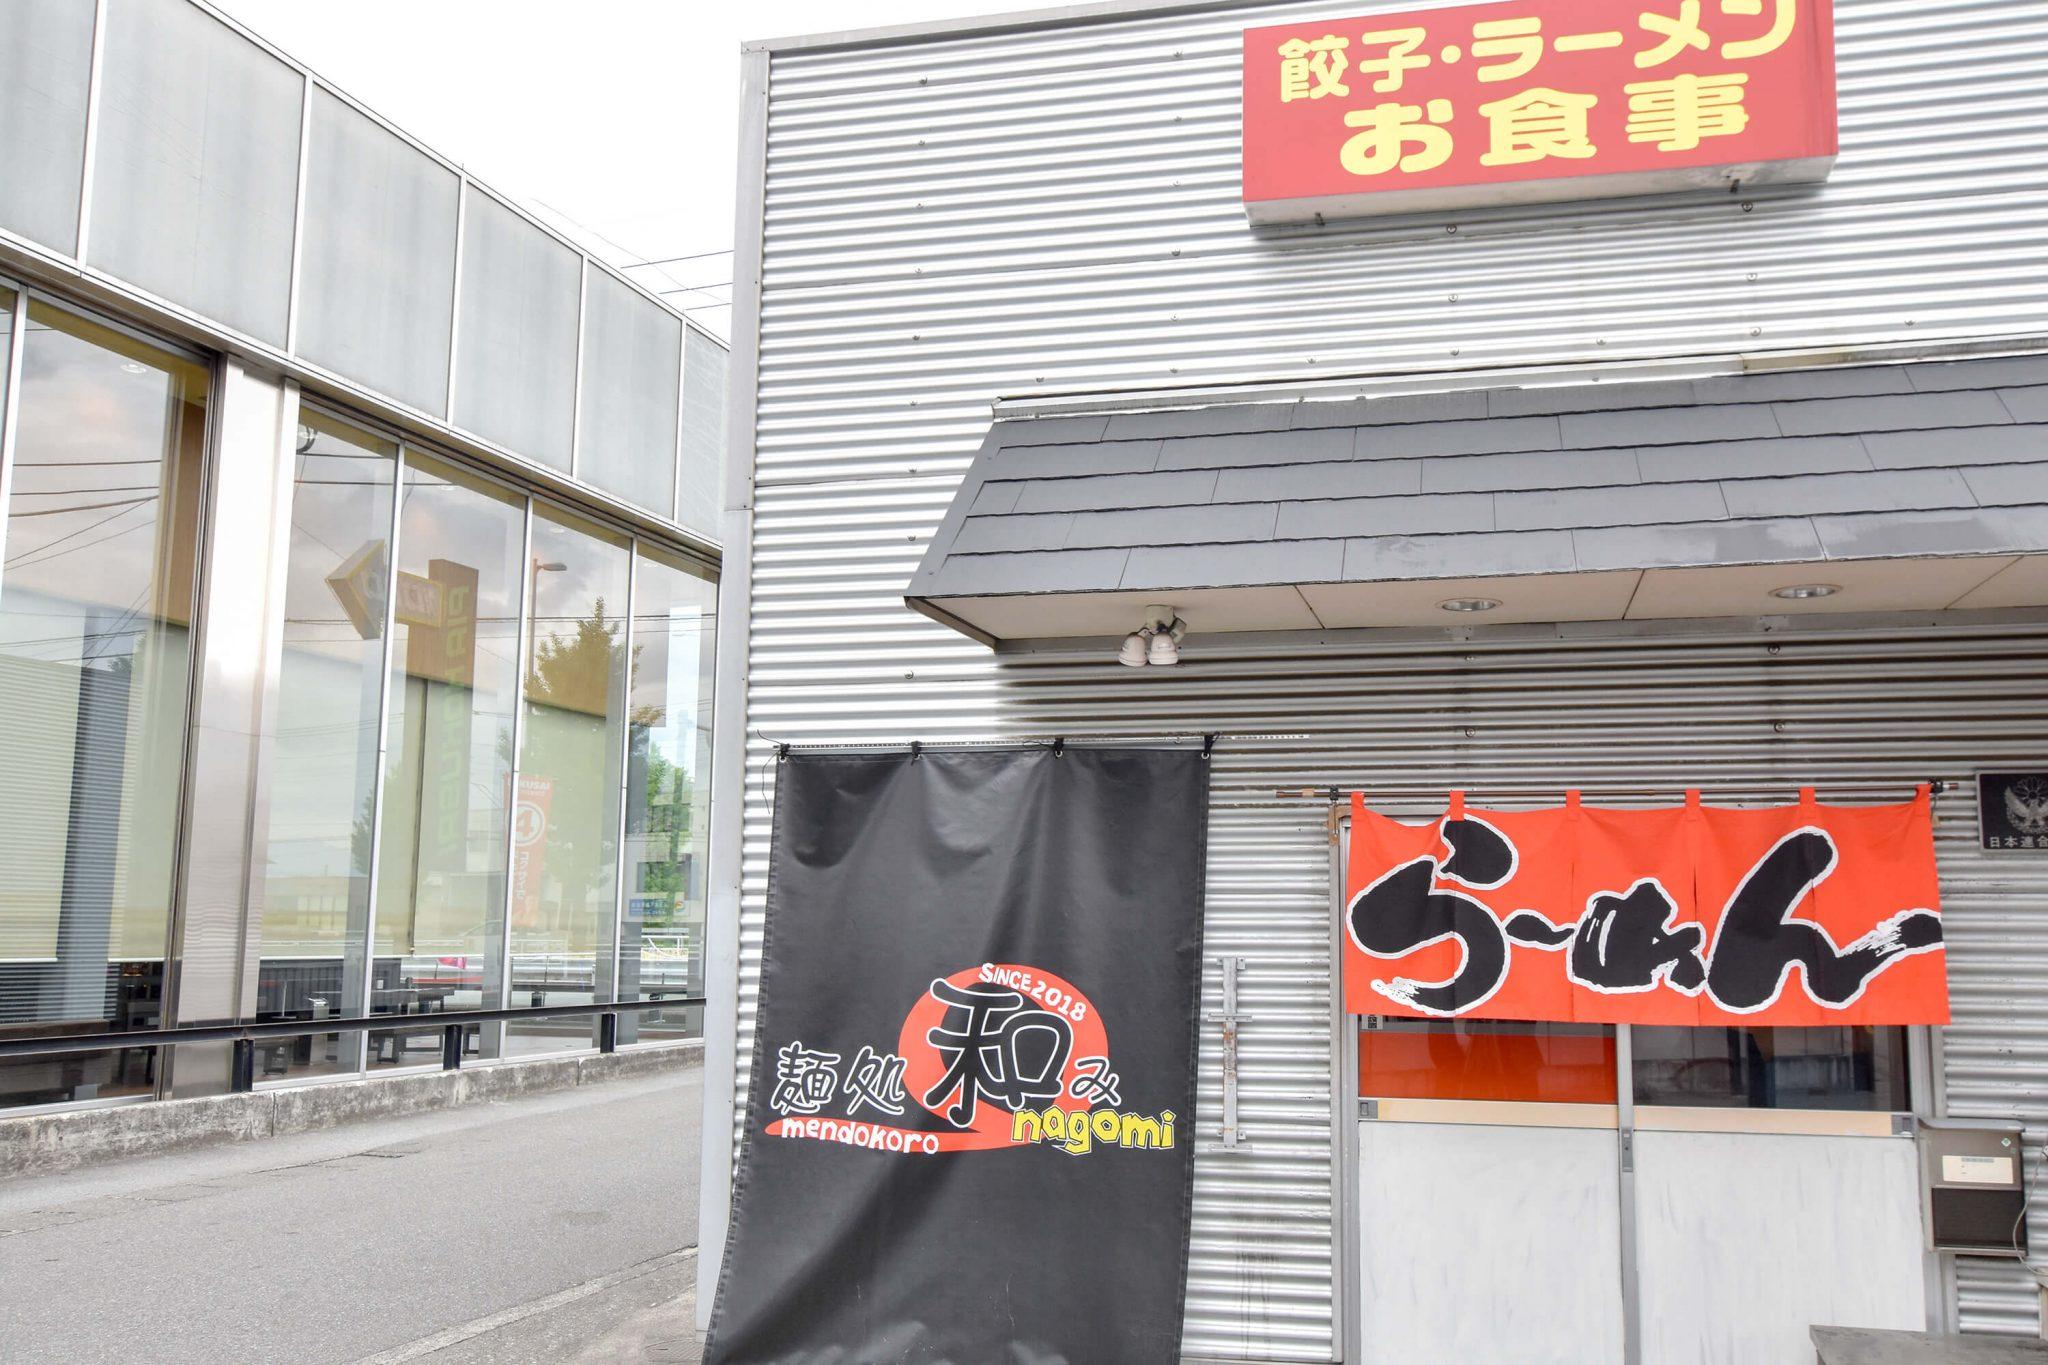 麺処 和み - 甲府市 外観写真